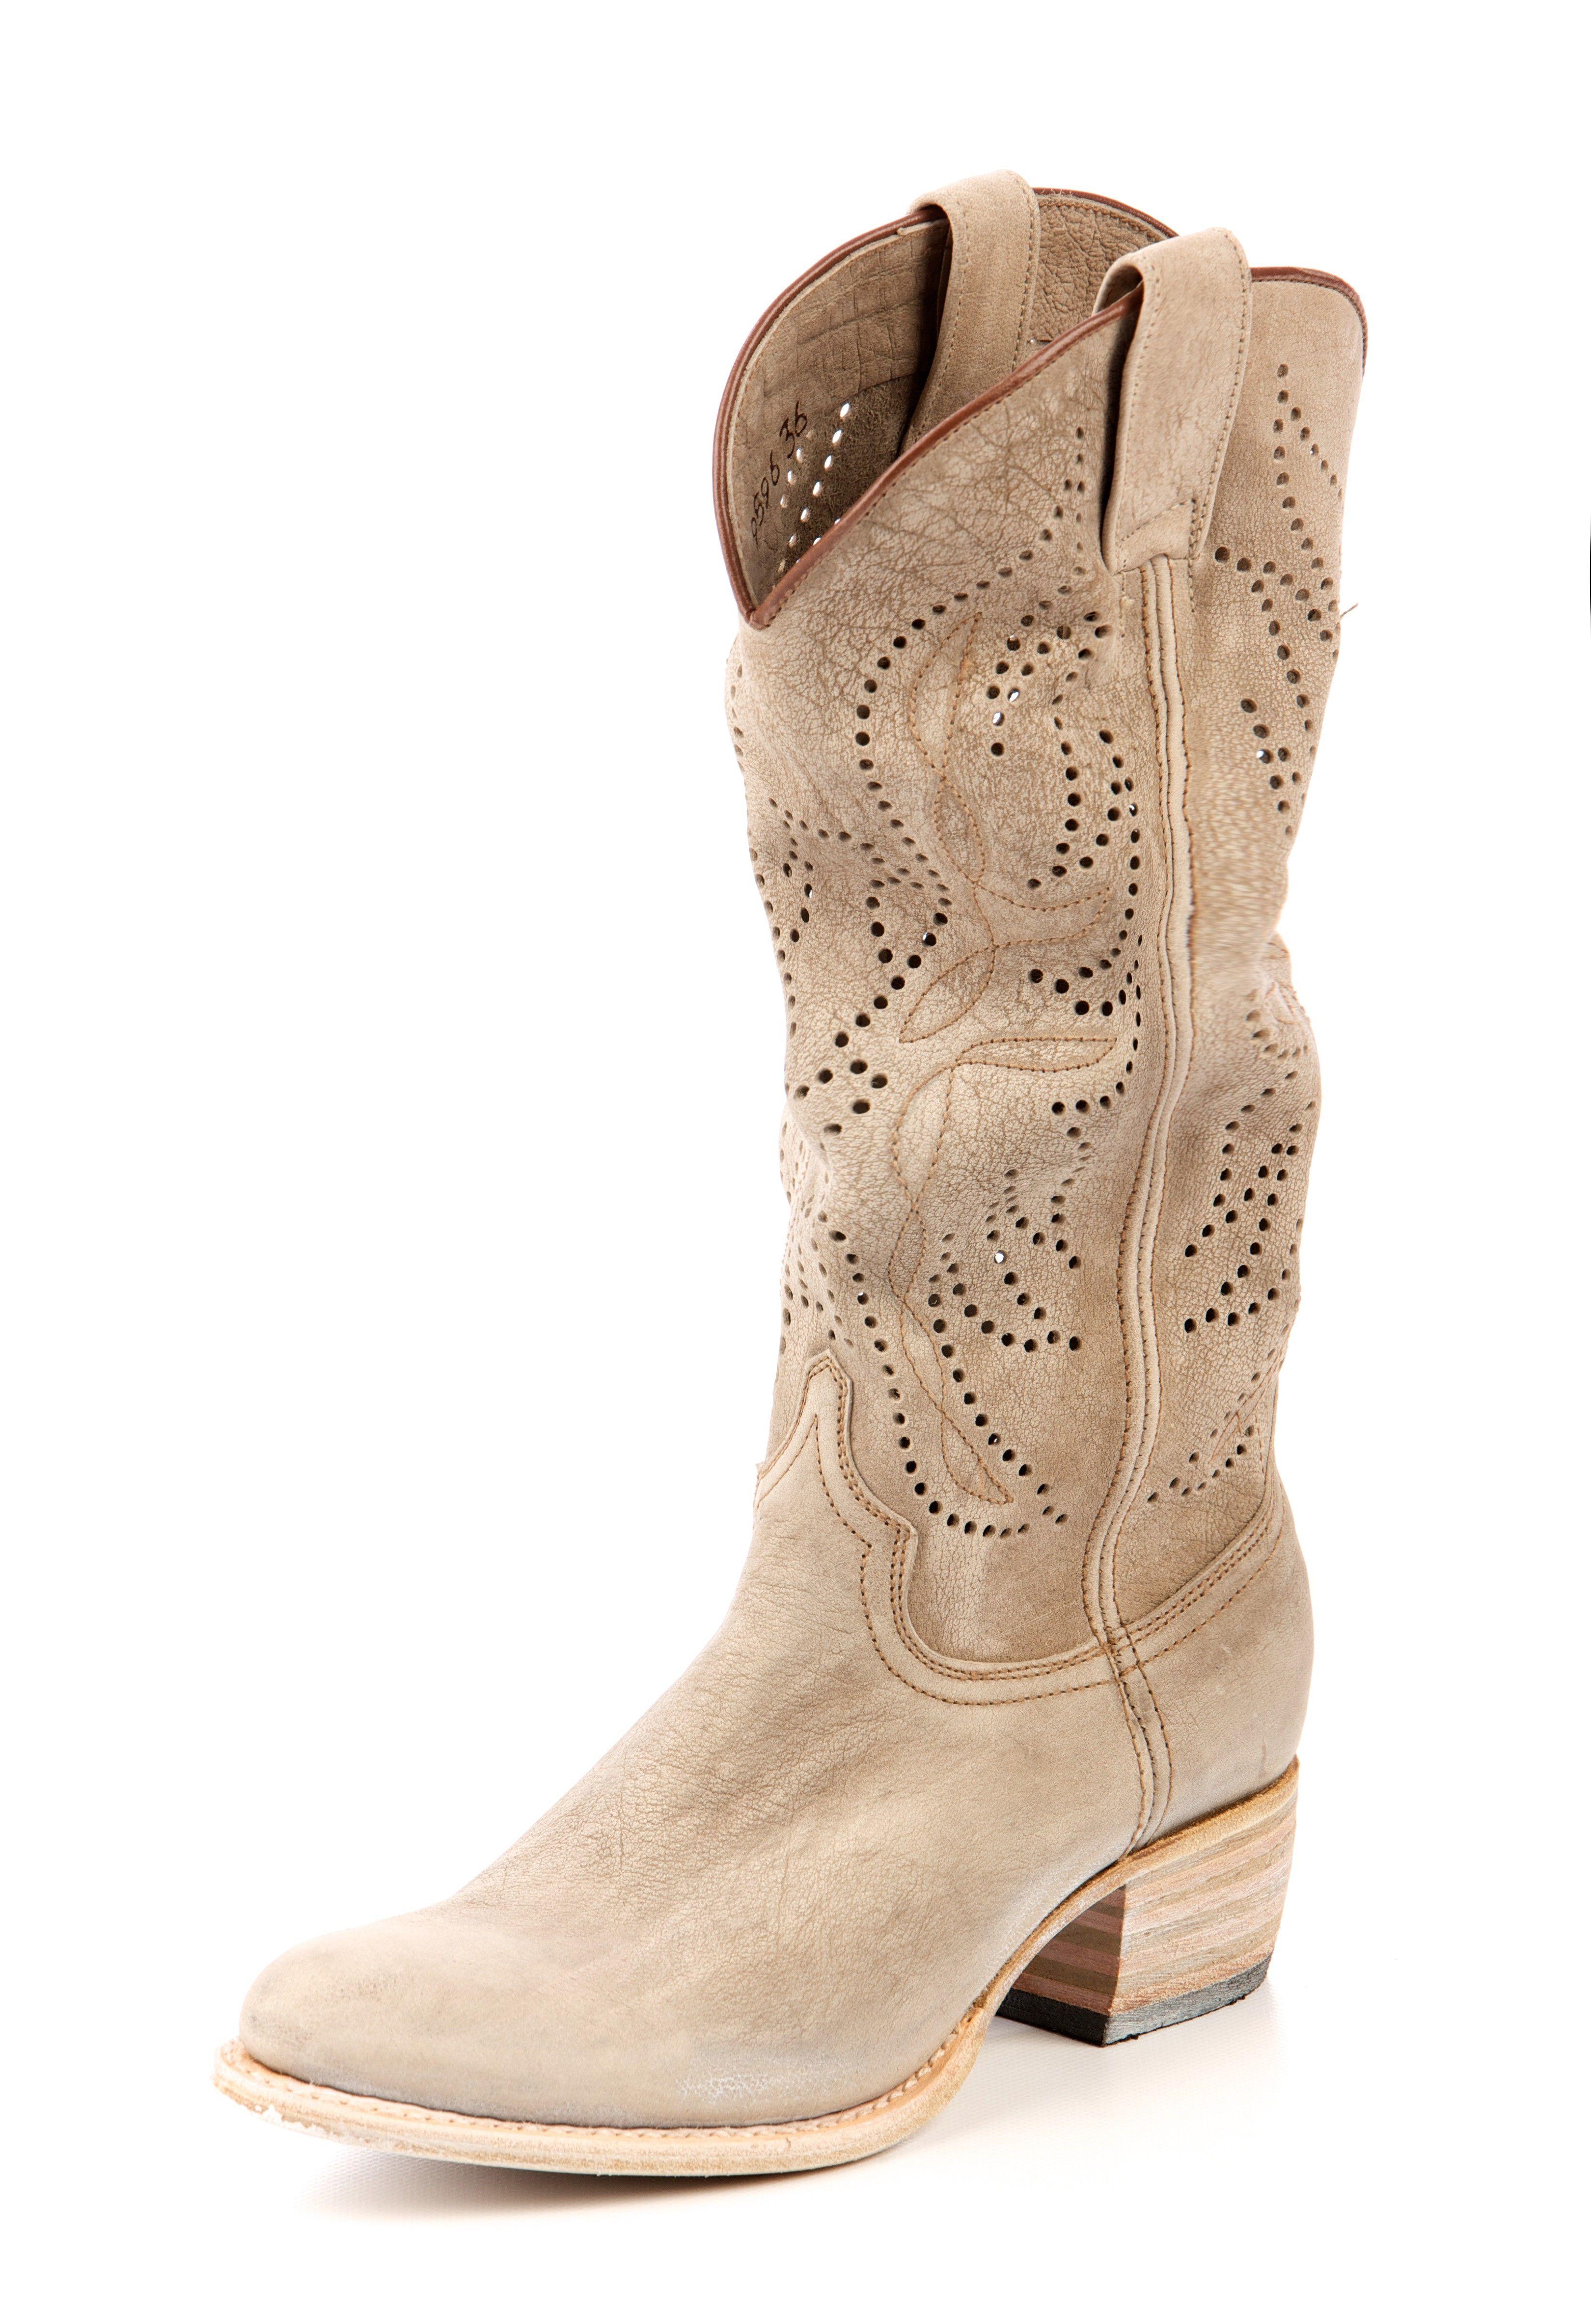 nuevo alto zapatillas de deporte para barato nueva colección Sendra Boots 9596 Debora Inca Oxido 535 | Botas cowboy mujer ...